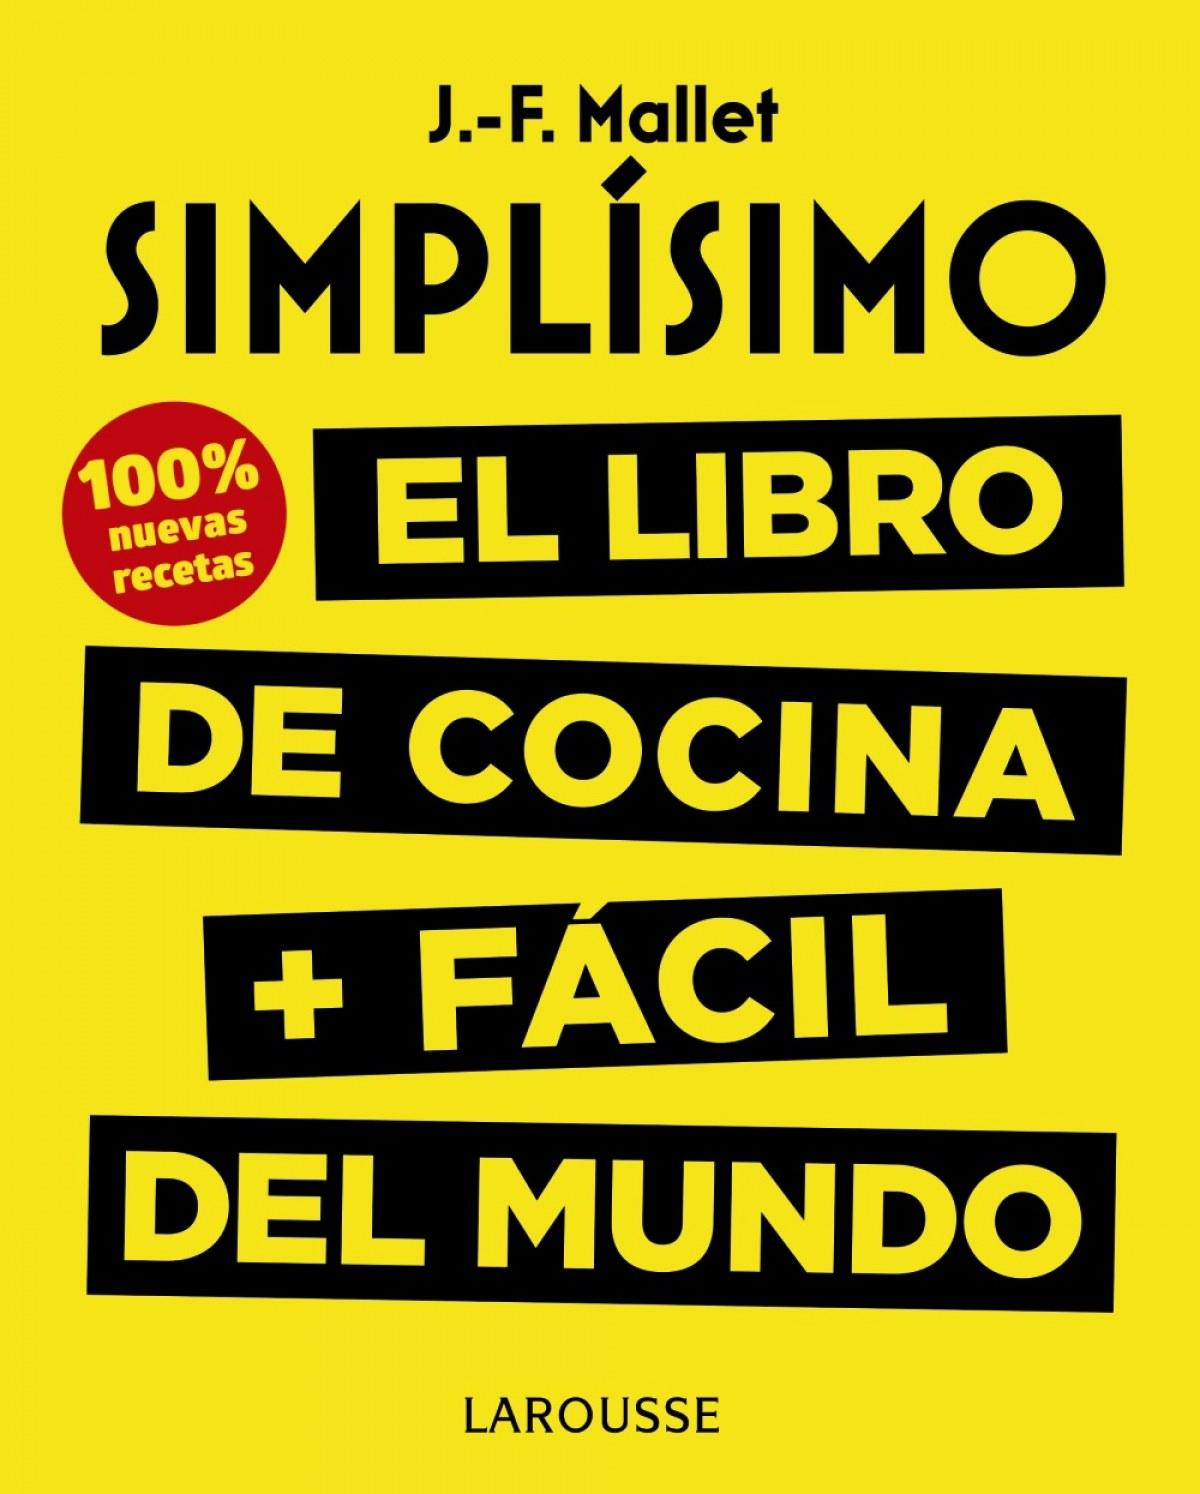 EL LIBRO DE COCINA + FÁCIL DEL MUNDO 9788417273675